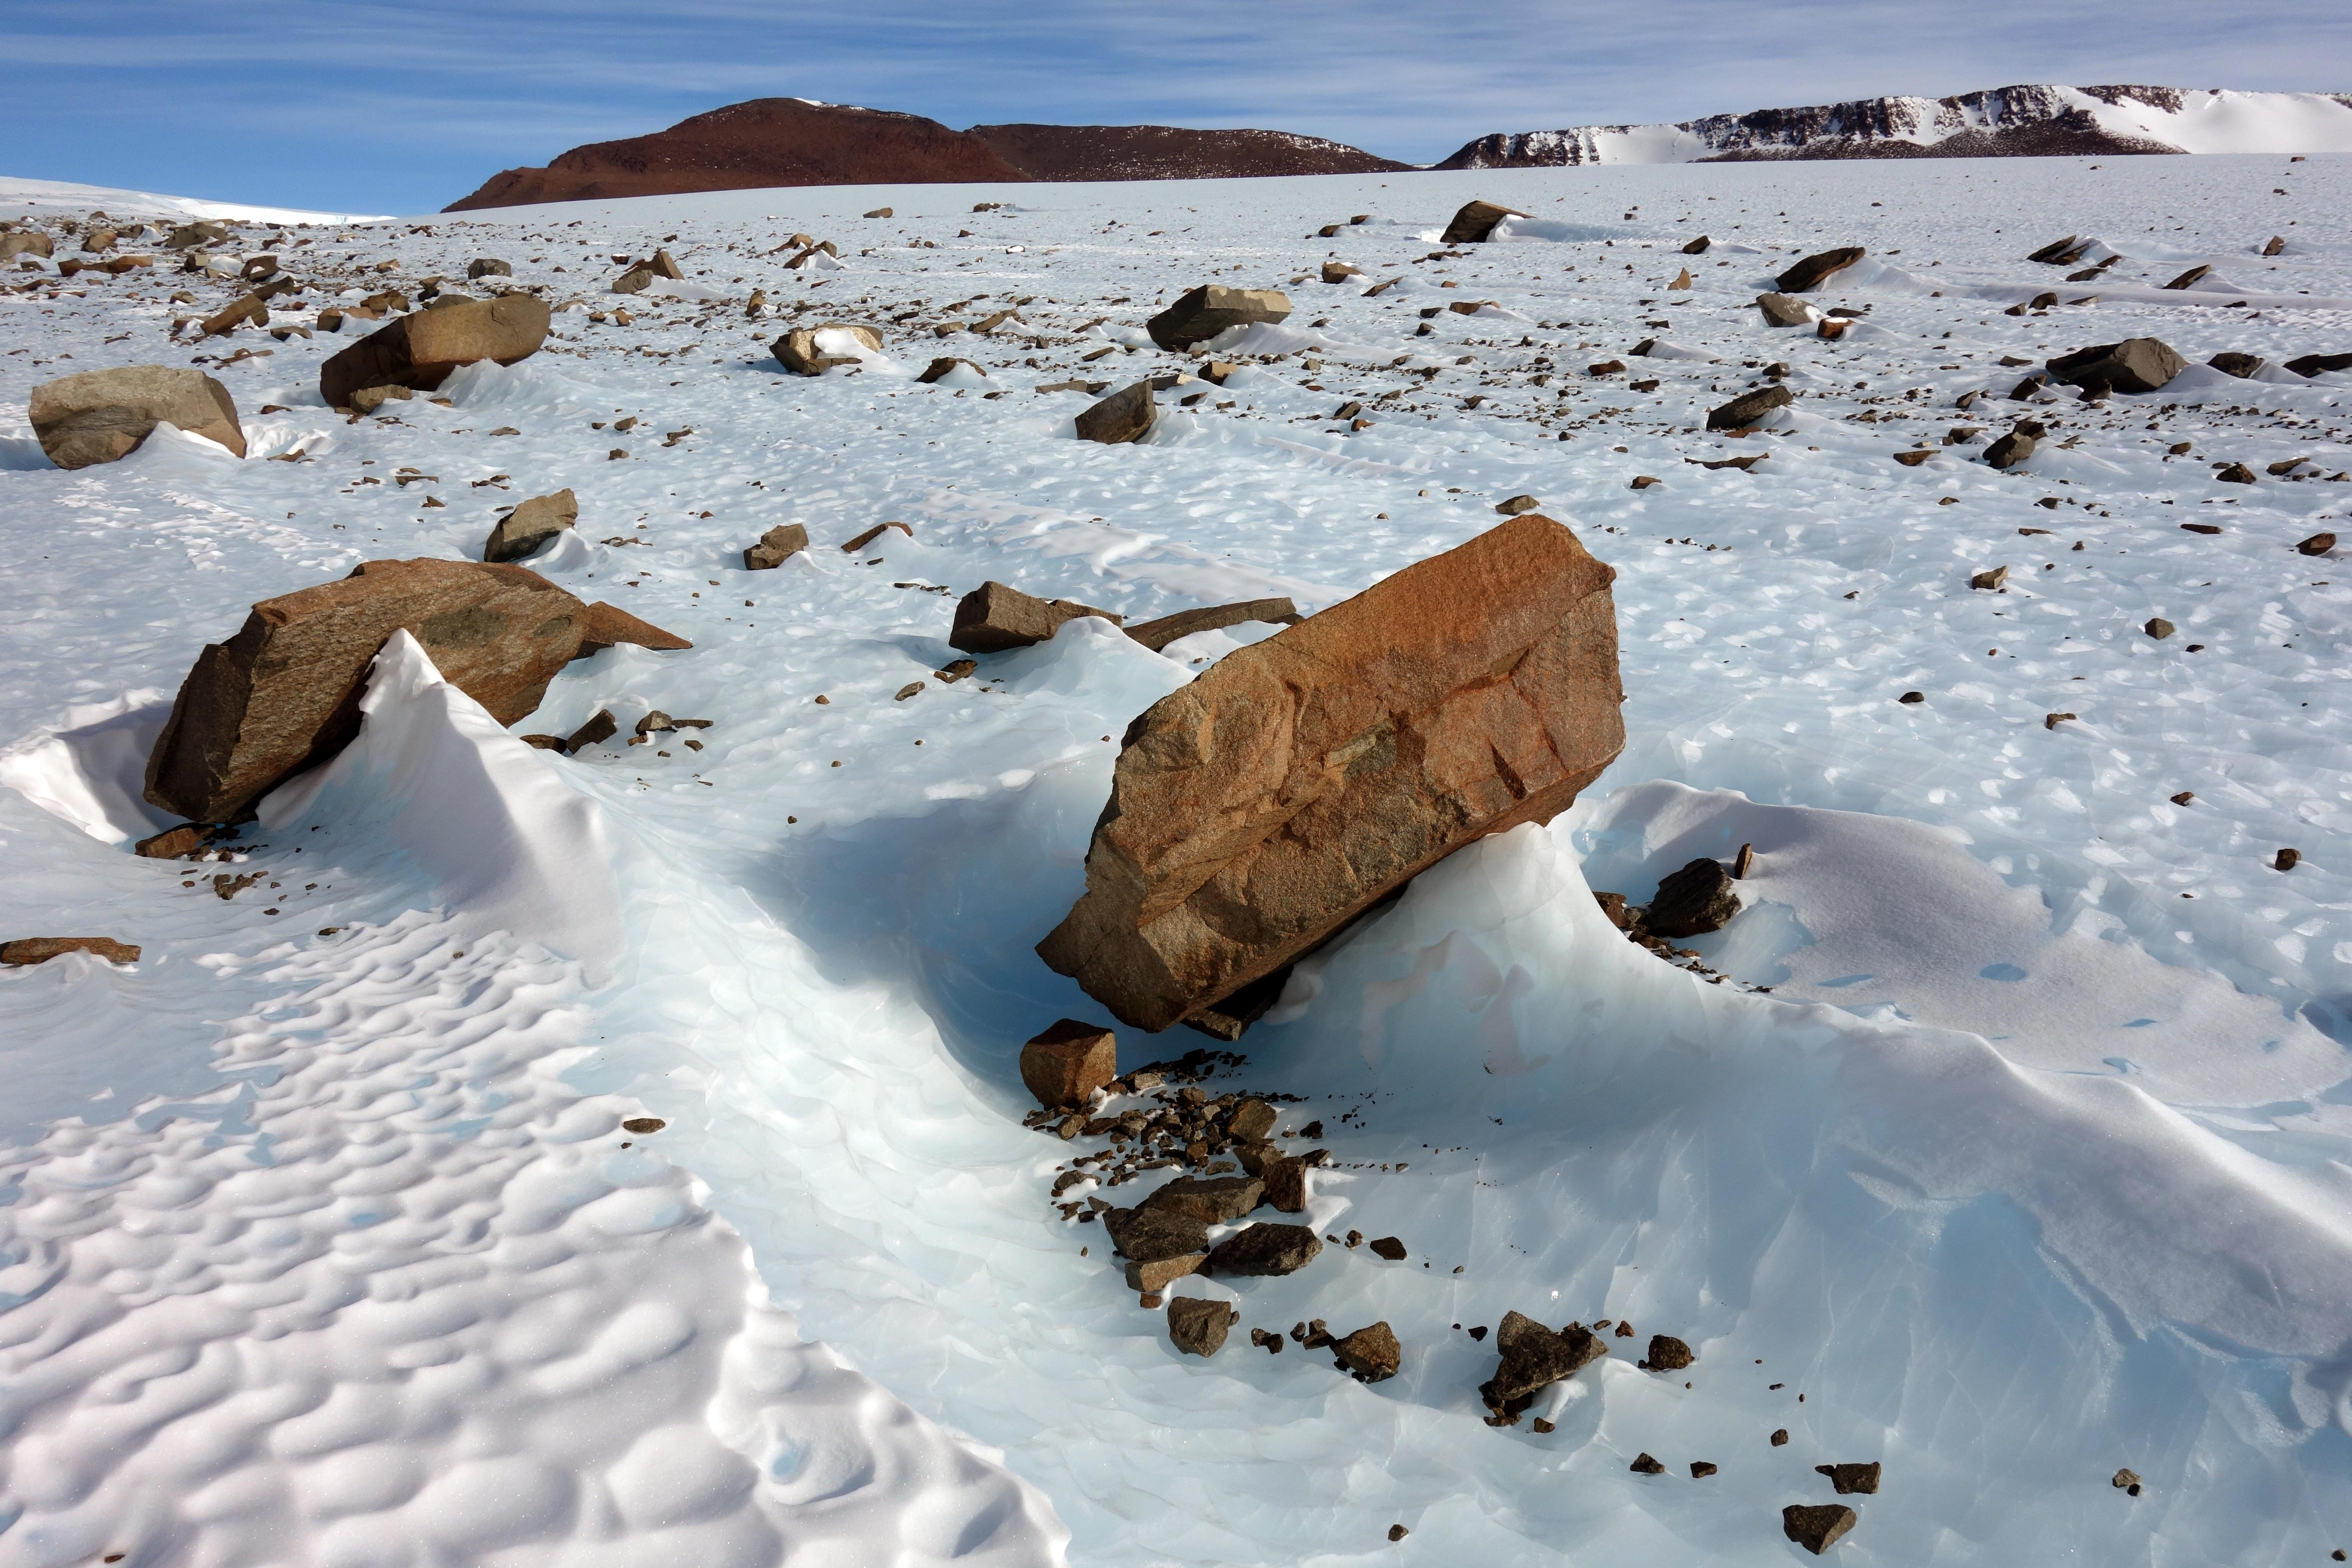 supraglacial debris